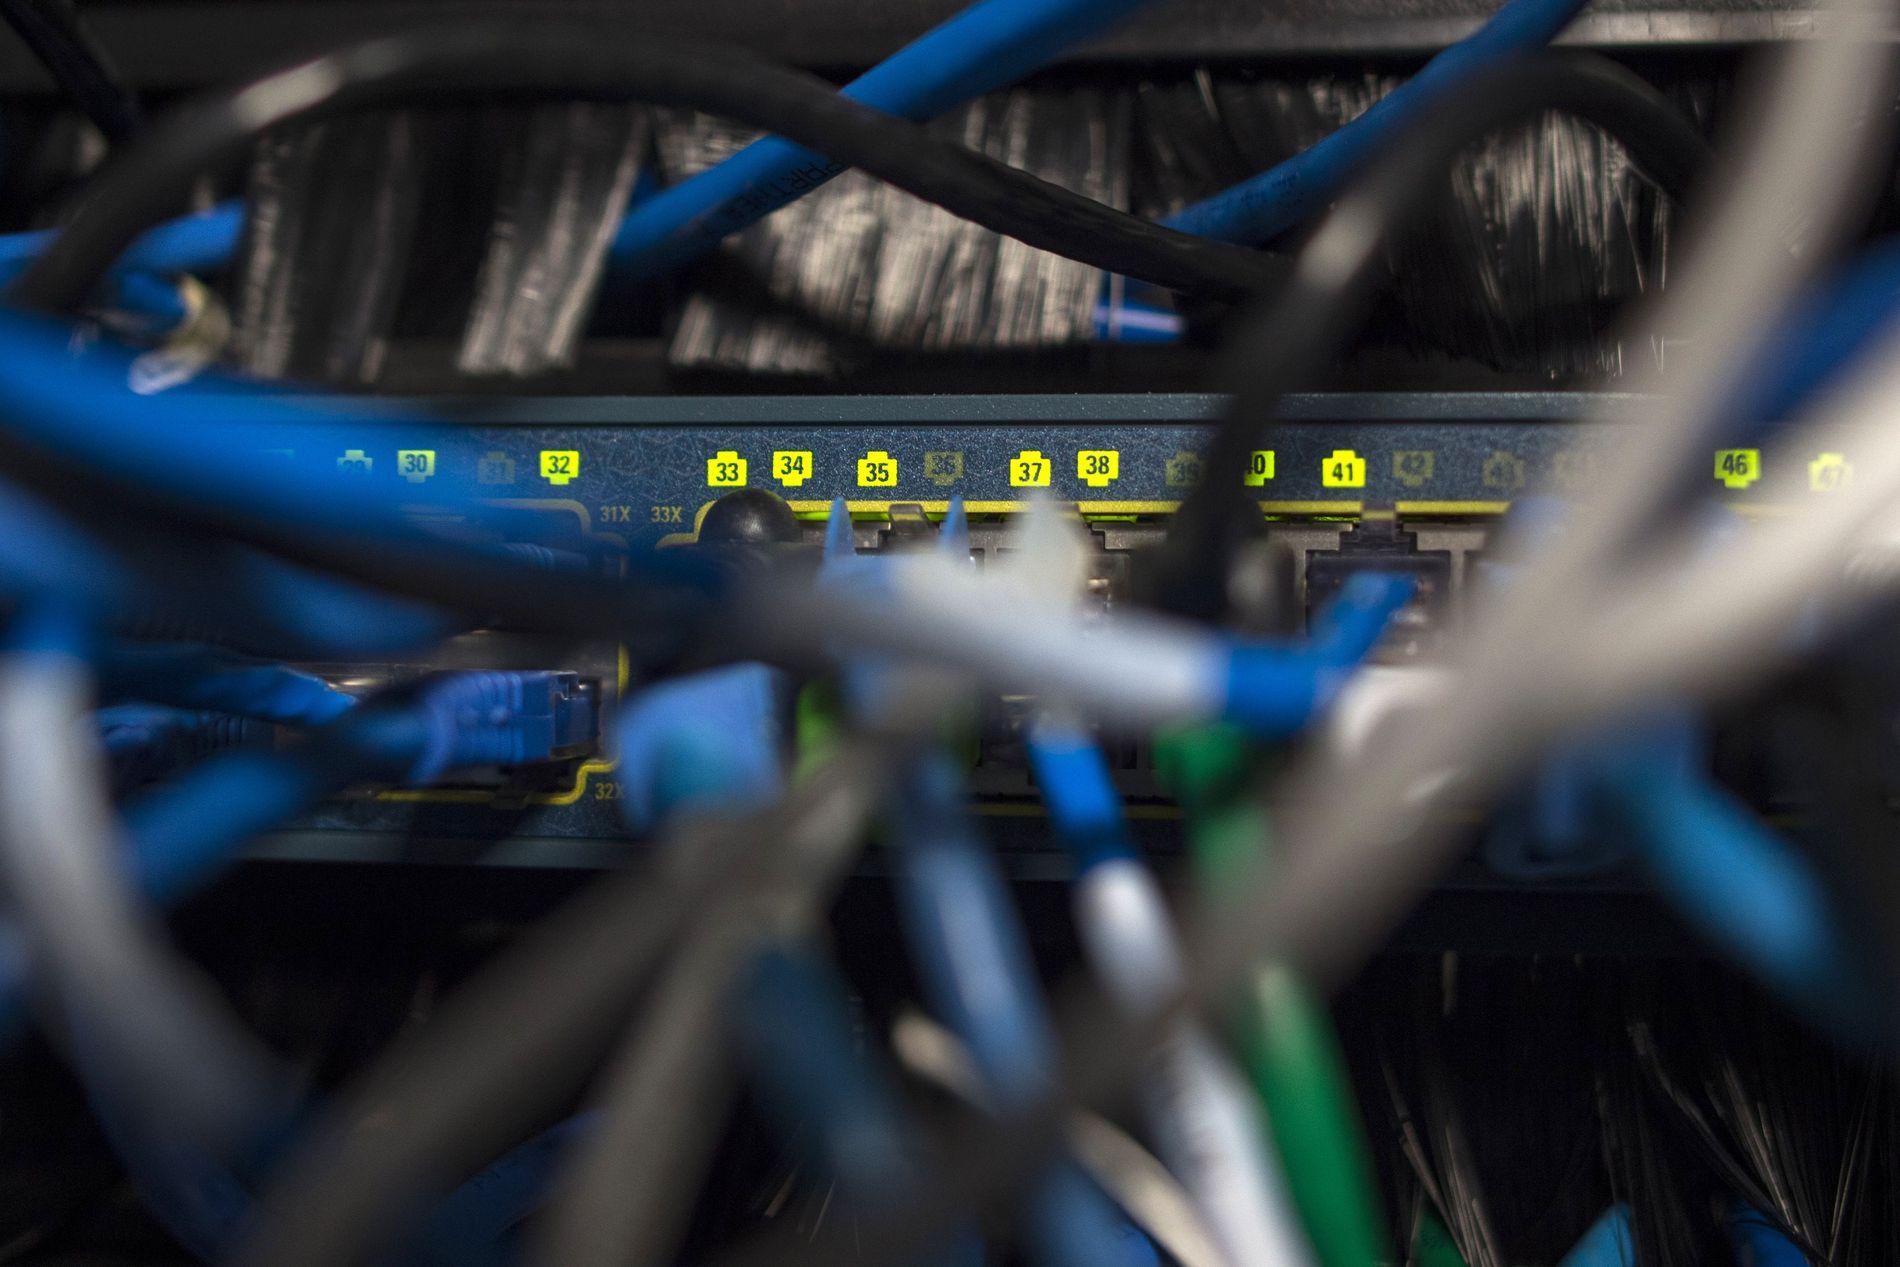 SKAL RAMME SERVERE: Anklagene som rettes mot kinesiske myndigheter er kompliserte. I grove trekk skal de ha tuklet med data-komponenter som senere settes sammen til servere som denne. Den «fysiske hackingen» skal gi stor kontroll over nettverket serveren er en del av.